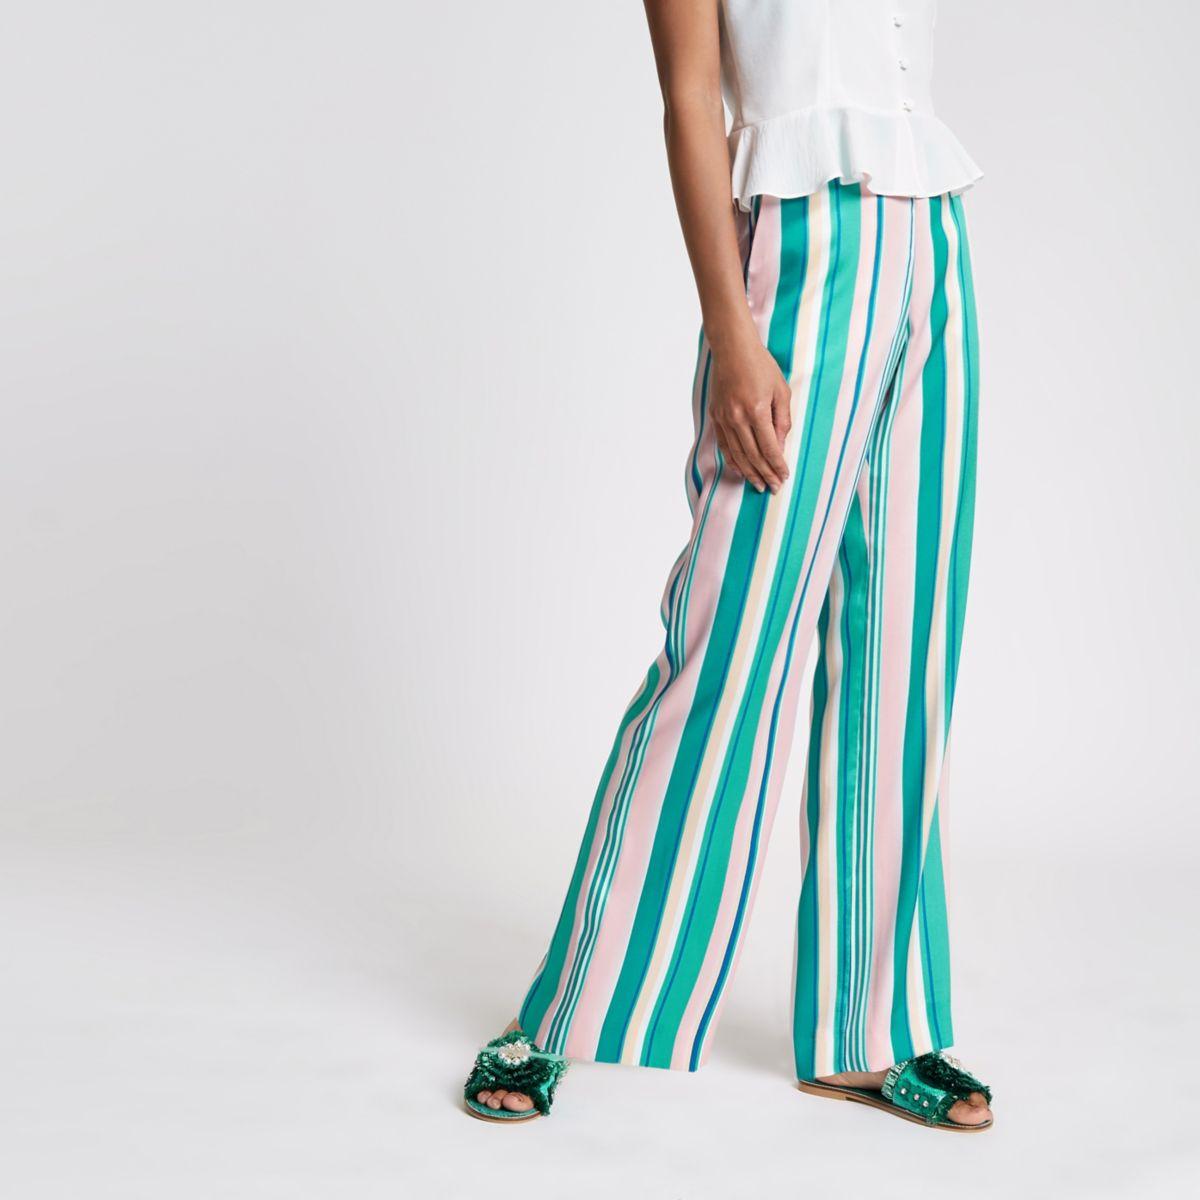 Grüne, gestreifte Hose mit weitem Beinschnitt